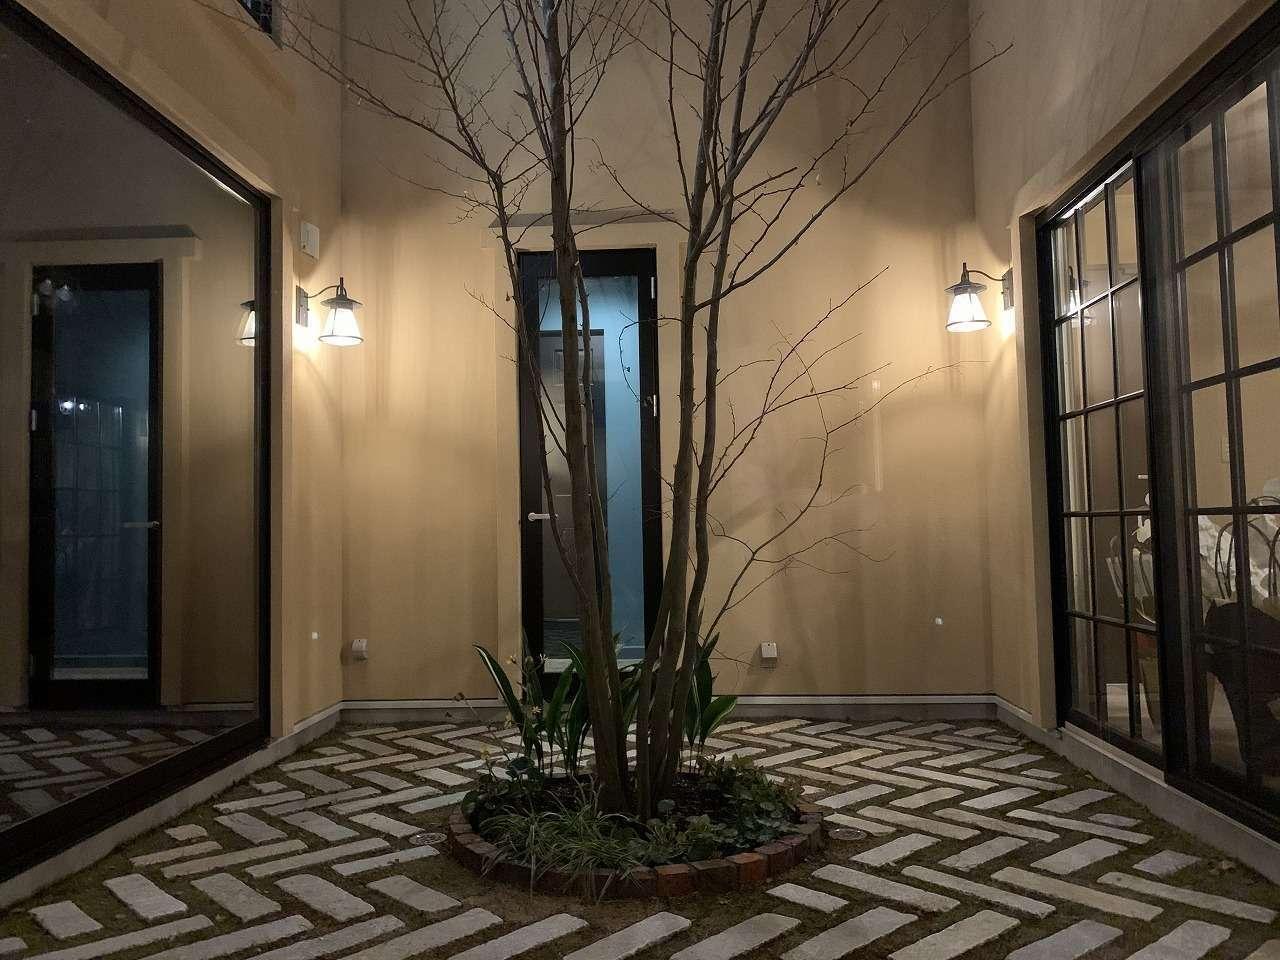 ツリーズ【デザイン住宅、輸入住宅、建築家】ライトアップも素敵な10畳の中庭。シンボルツリーはエゴノキ